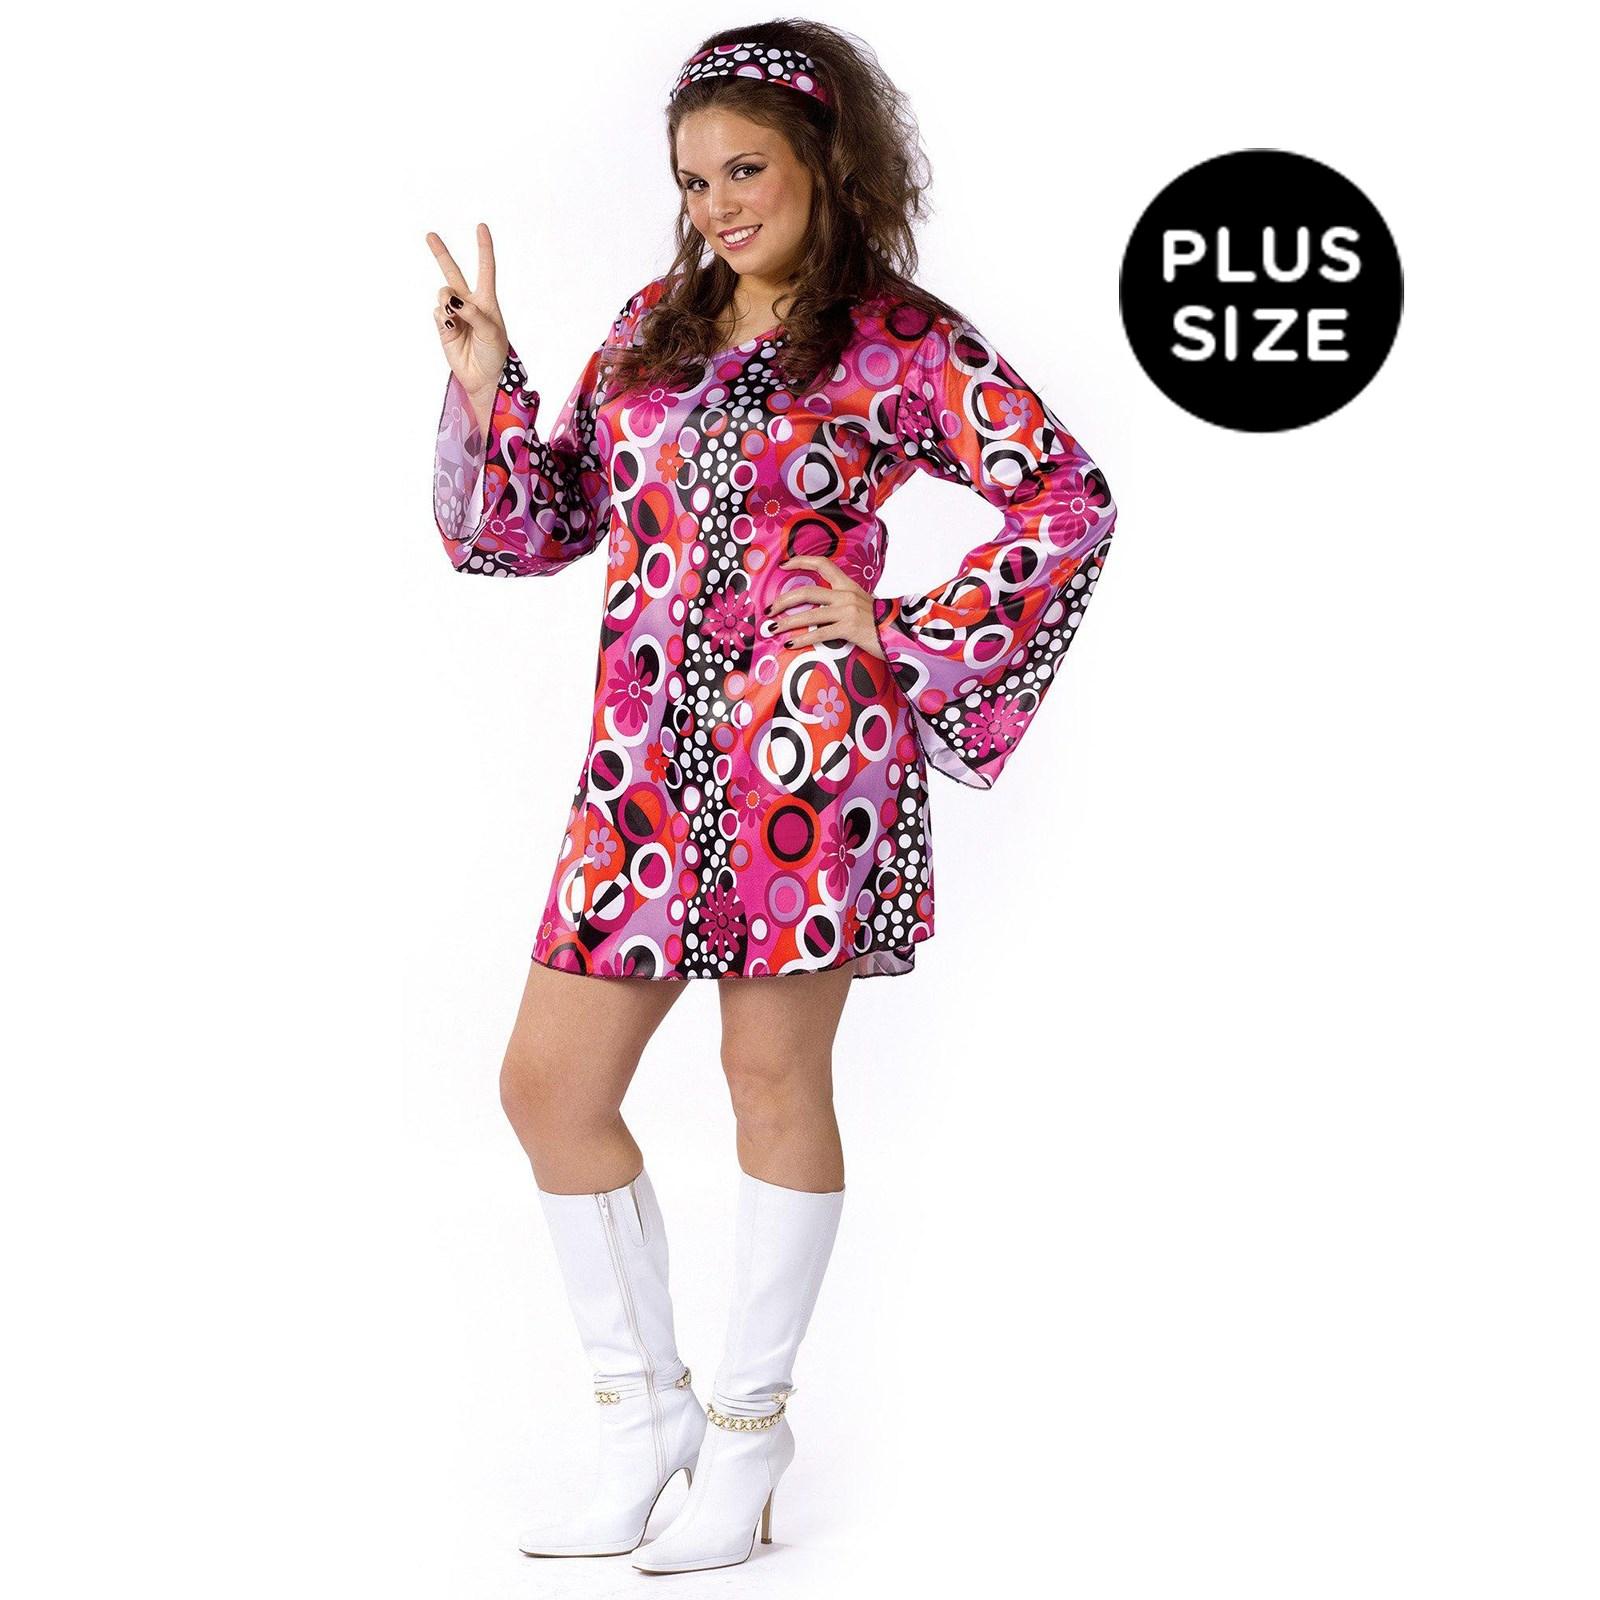 Feelin' Groovy Adult Plus Costume